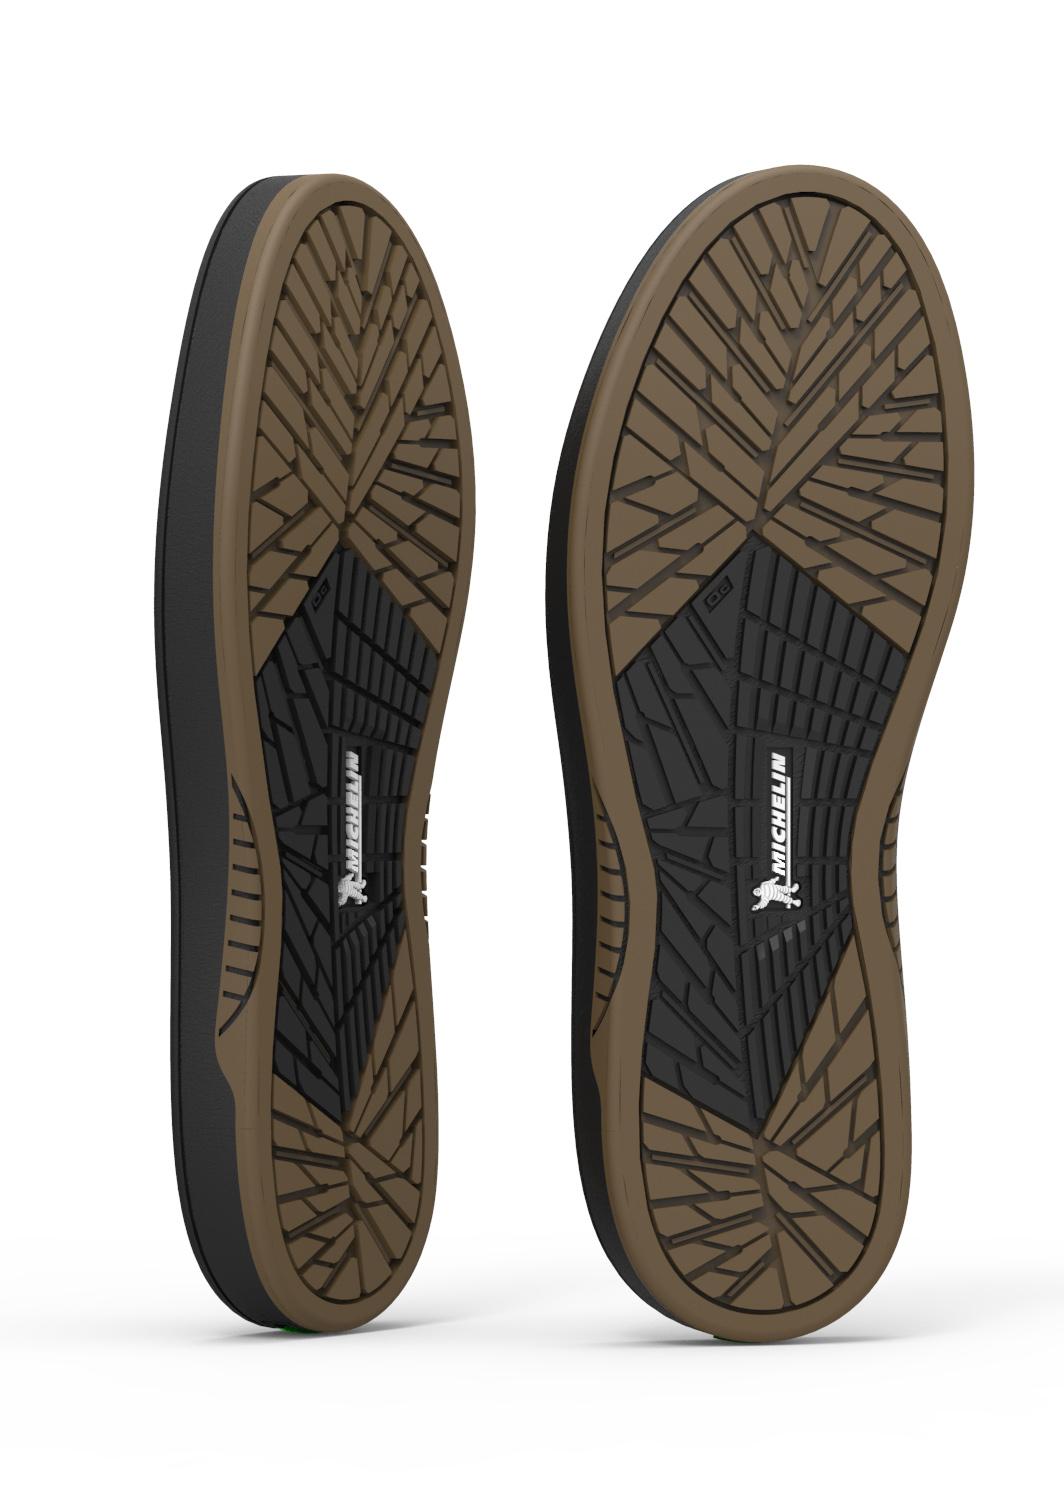 Der neue Etnies Marana Skateboardschuh ist 3 x robuster als bisher durch die Sohle von Michelin